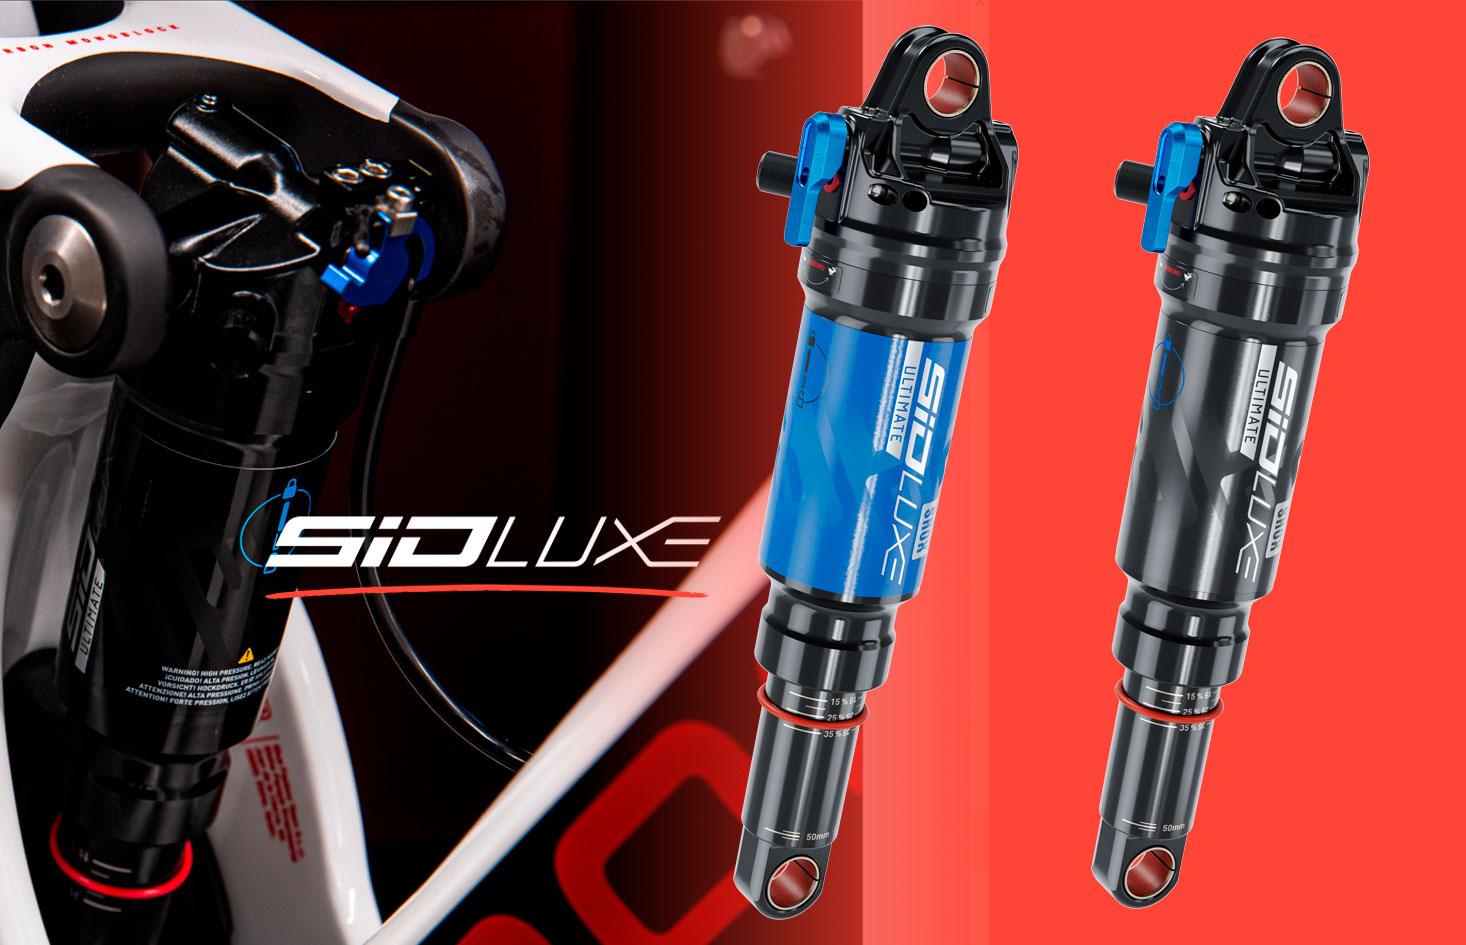 Amortiguadores RockShox SIDLuxe